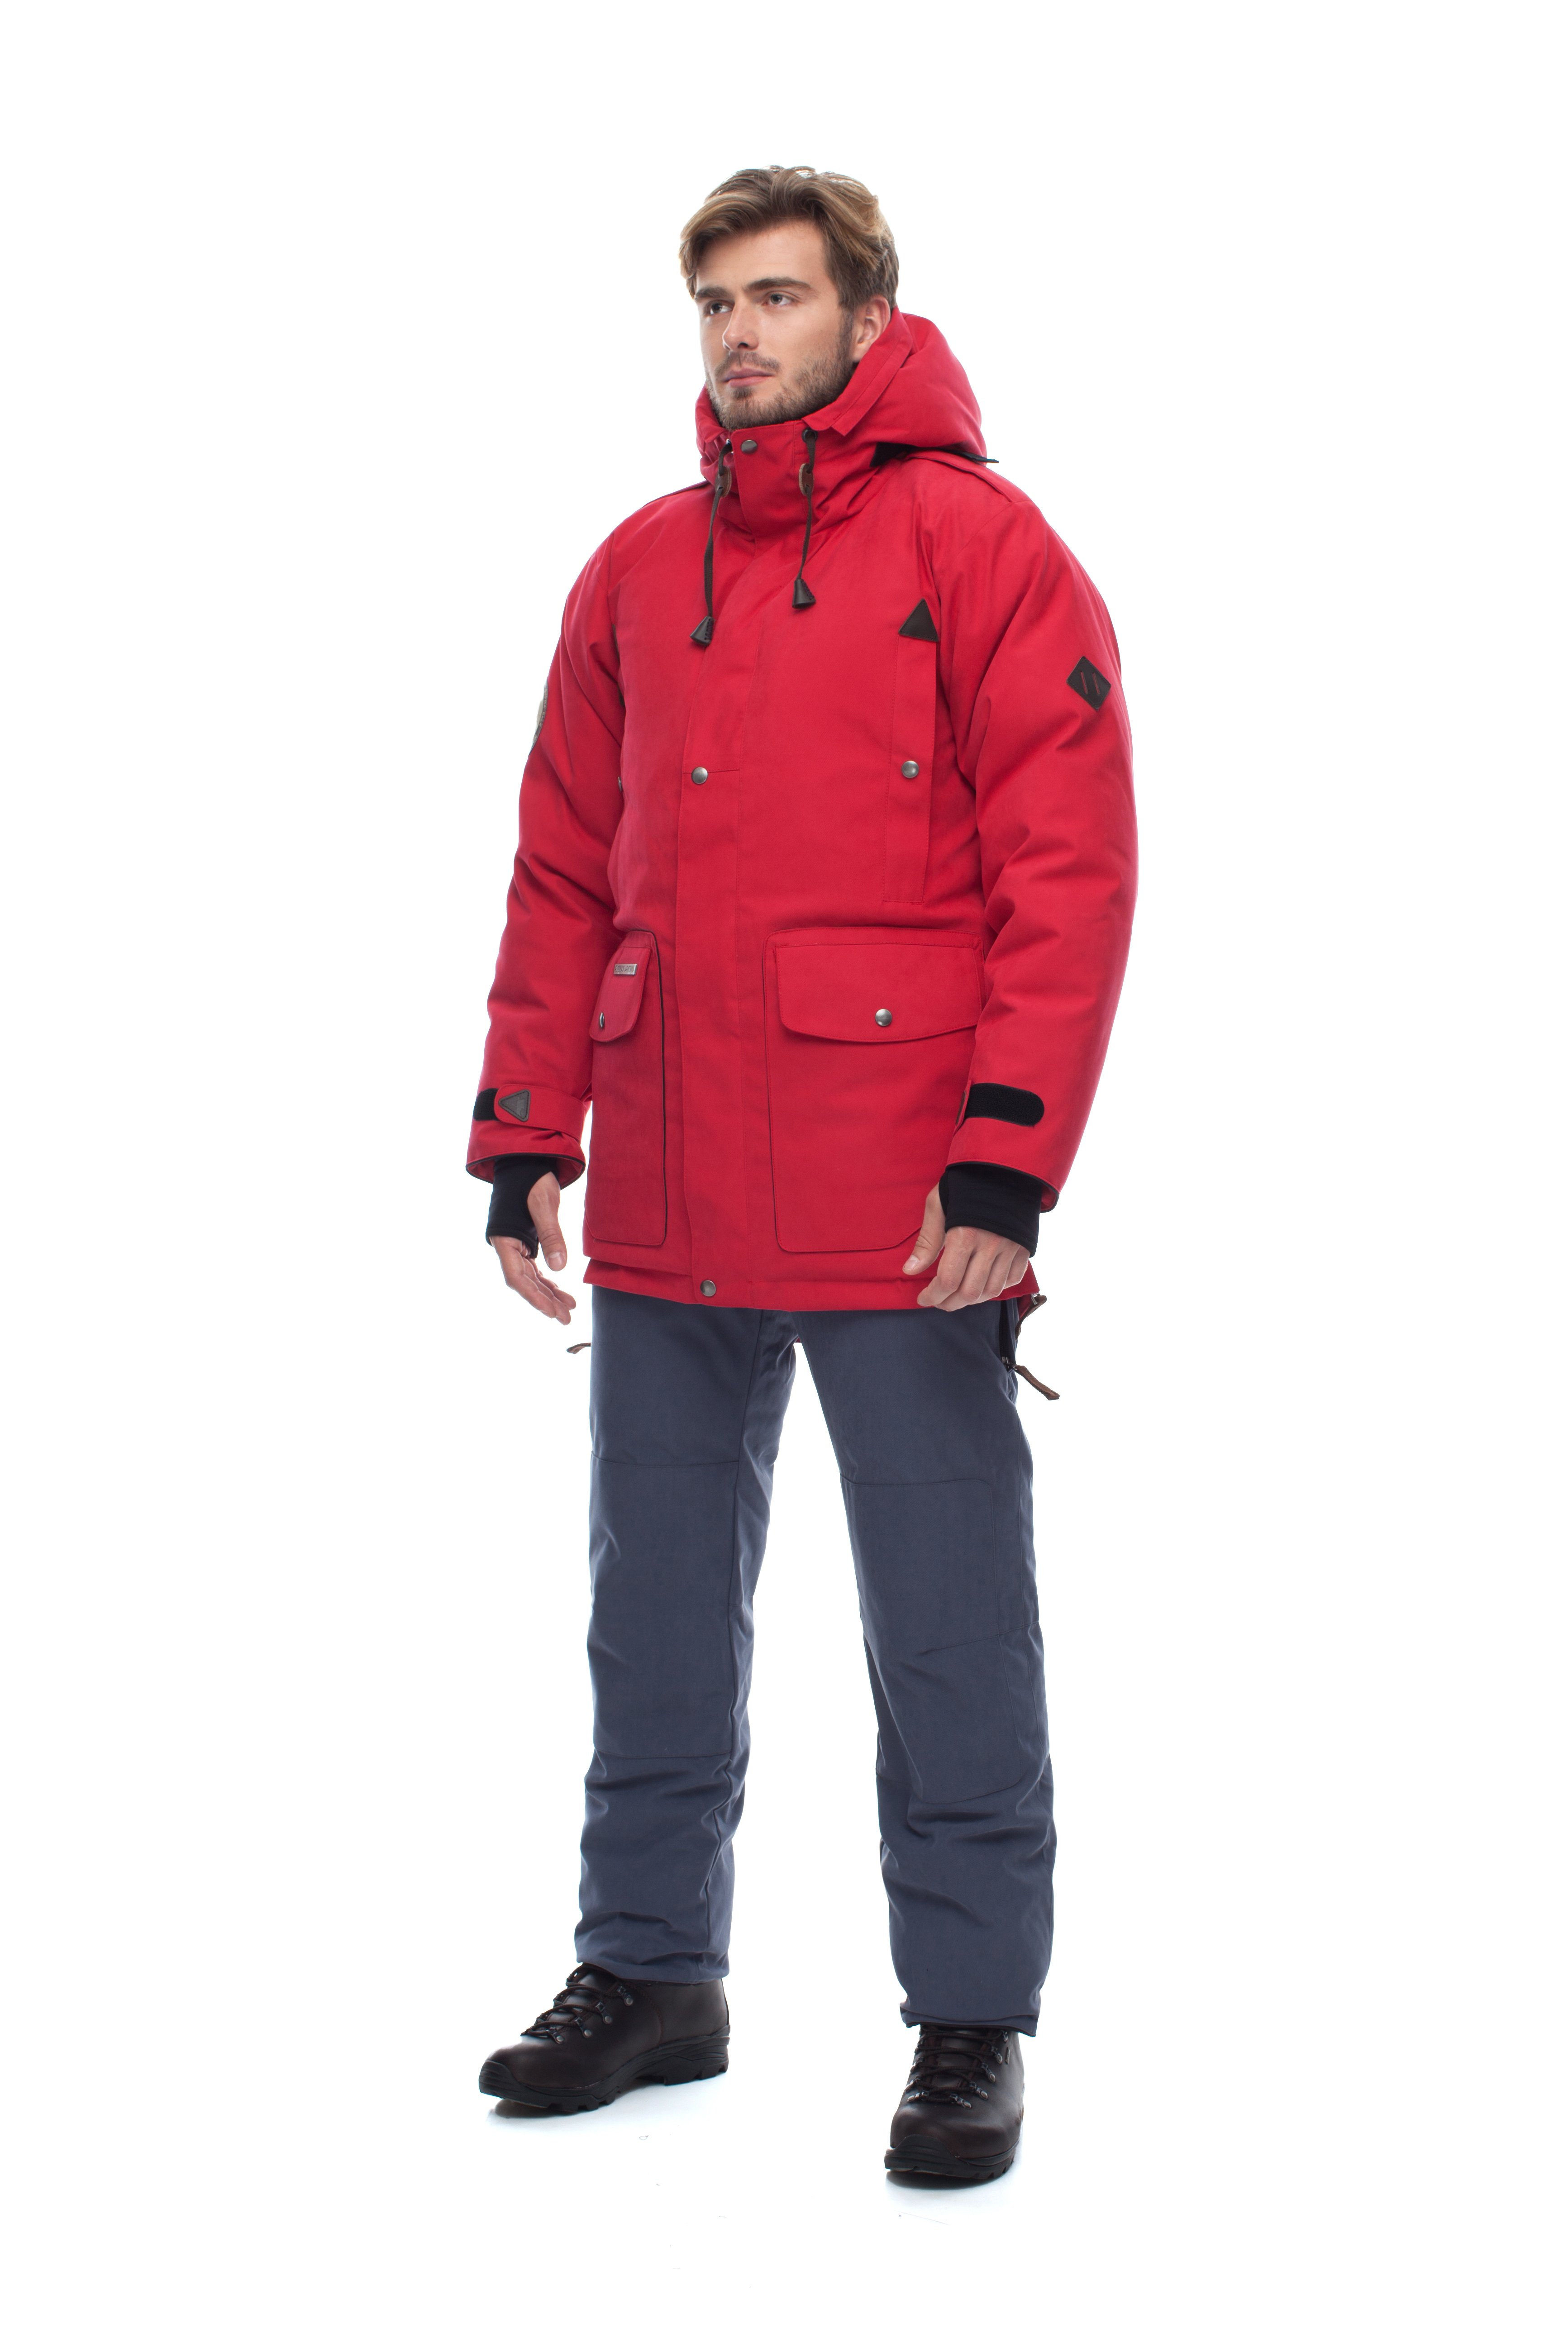 Куртка BASK SHL YENISEY 1473Теплая мужская парка c синтетическим утеплителем премиум класса Shelter&amp;reg;Sport.&amp;nbsp;<br><br>&quot;Дышащие&quot; свойства: Да<br>Верхняя ткань: Advance® Alaska<br>Вес граммы: 1680<br>Вес утеплителя: 400<br>Ветро-влагозащитные свойства верхней ткани: Да<br>Ветрозащитная планка: Да<br>Ветрозащитная юбка: Нет<br>Влагозащитные молнии: Нет<br>Внутренние манжеты: Да<br>Внутренняя ткань: Advance® Classic<br>Водонепроницаемость: 5000<br>Дублирующий центральную молнию клапан: Да<br>Защитный козырёк капюшона: Нет<br>Капюшон: Несъемный<br>Карман для средств связи: Нет<br>Количество внешних карманов: 8<br>Количество внутренних карманов: 2<br>Коллекция: Pole to Pole<br>Мембрана: Да<br>Объемный крой локтевой зоны: Нет<br>Отстёгивающиеся рукава: Нет<br>Паропроницаемость: 5000<br>Пол: Мужской<br>Проклейка швов: Нет<br>Регулировка манжетов рукавов: Да<br>Регулировка низа: Нет<br>Регулировка объёма капюшона: Да<br>Регулировка талии: Да<br>Регулируемые вентиляционные отверстия: Нет<br>Световозвращающая лента: Нет<br>Температурный режим: -35<br>Технология Thermal Welding: Нет<br>Технология швов: Простые<br>Тип молнии: Двухзамковая<br>Тип утеплителя: Синтетический<br>Ткань усиления: Нет<br>Усиление контактных зон: Нет<br>Утеплитель: Shelter Sport®<br>Размер RU: 54<br>Цвет: ЧЕРНЫЙ